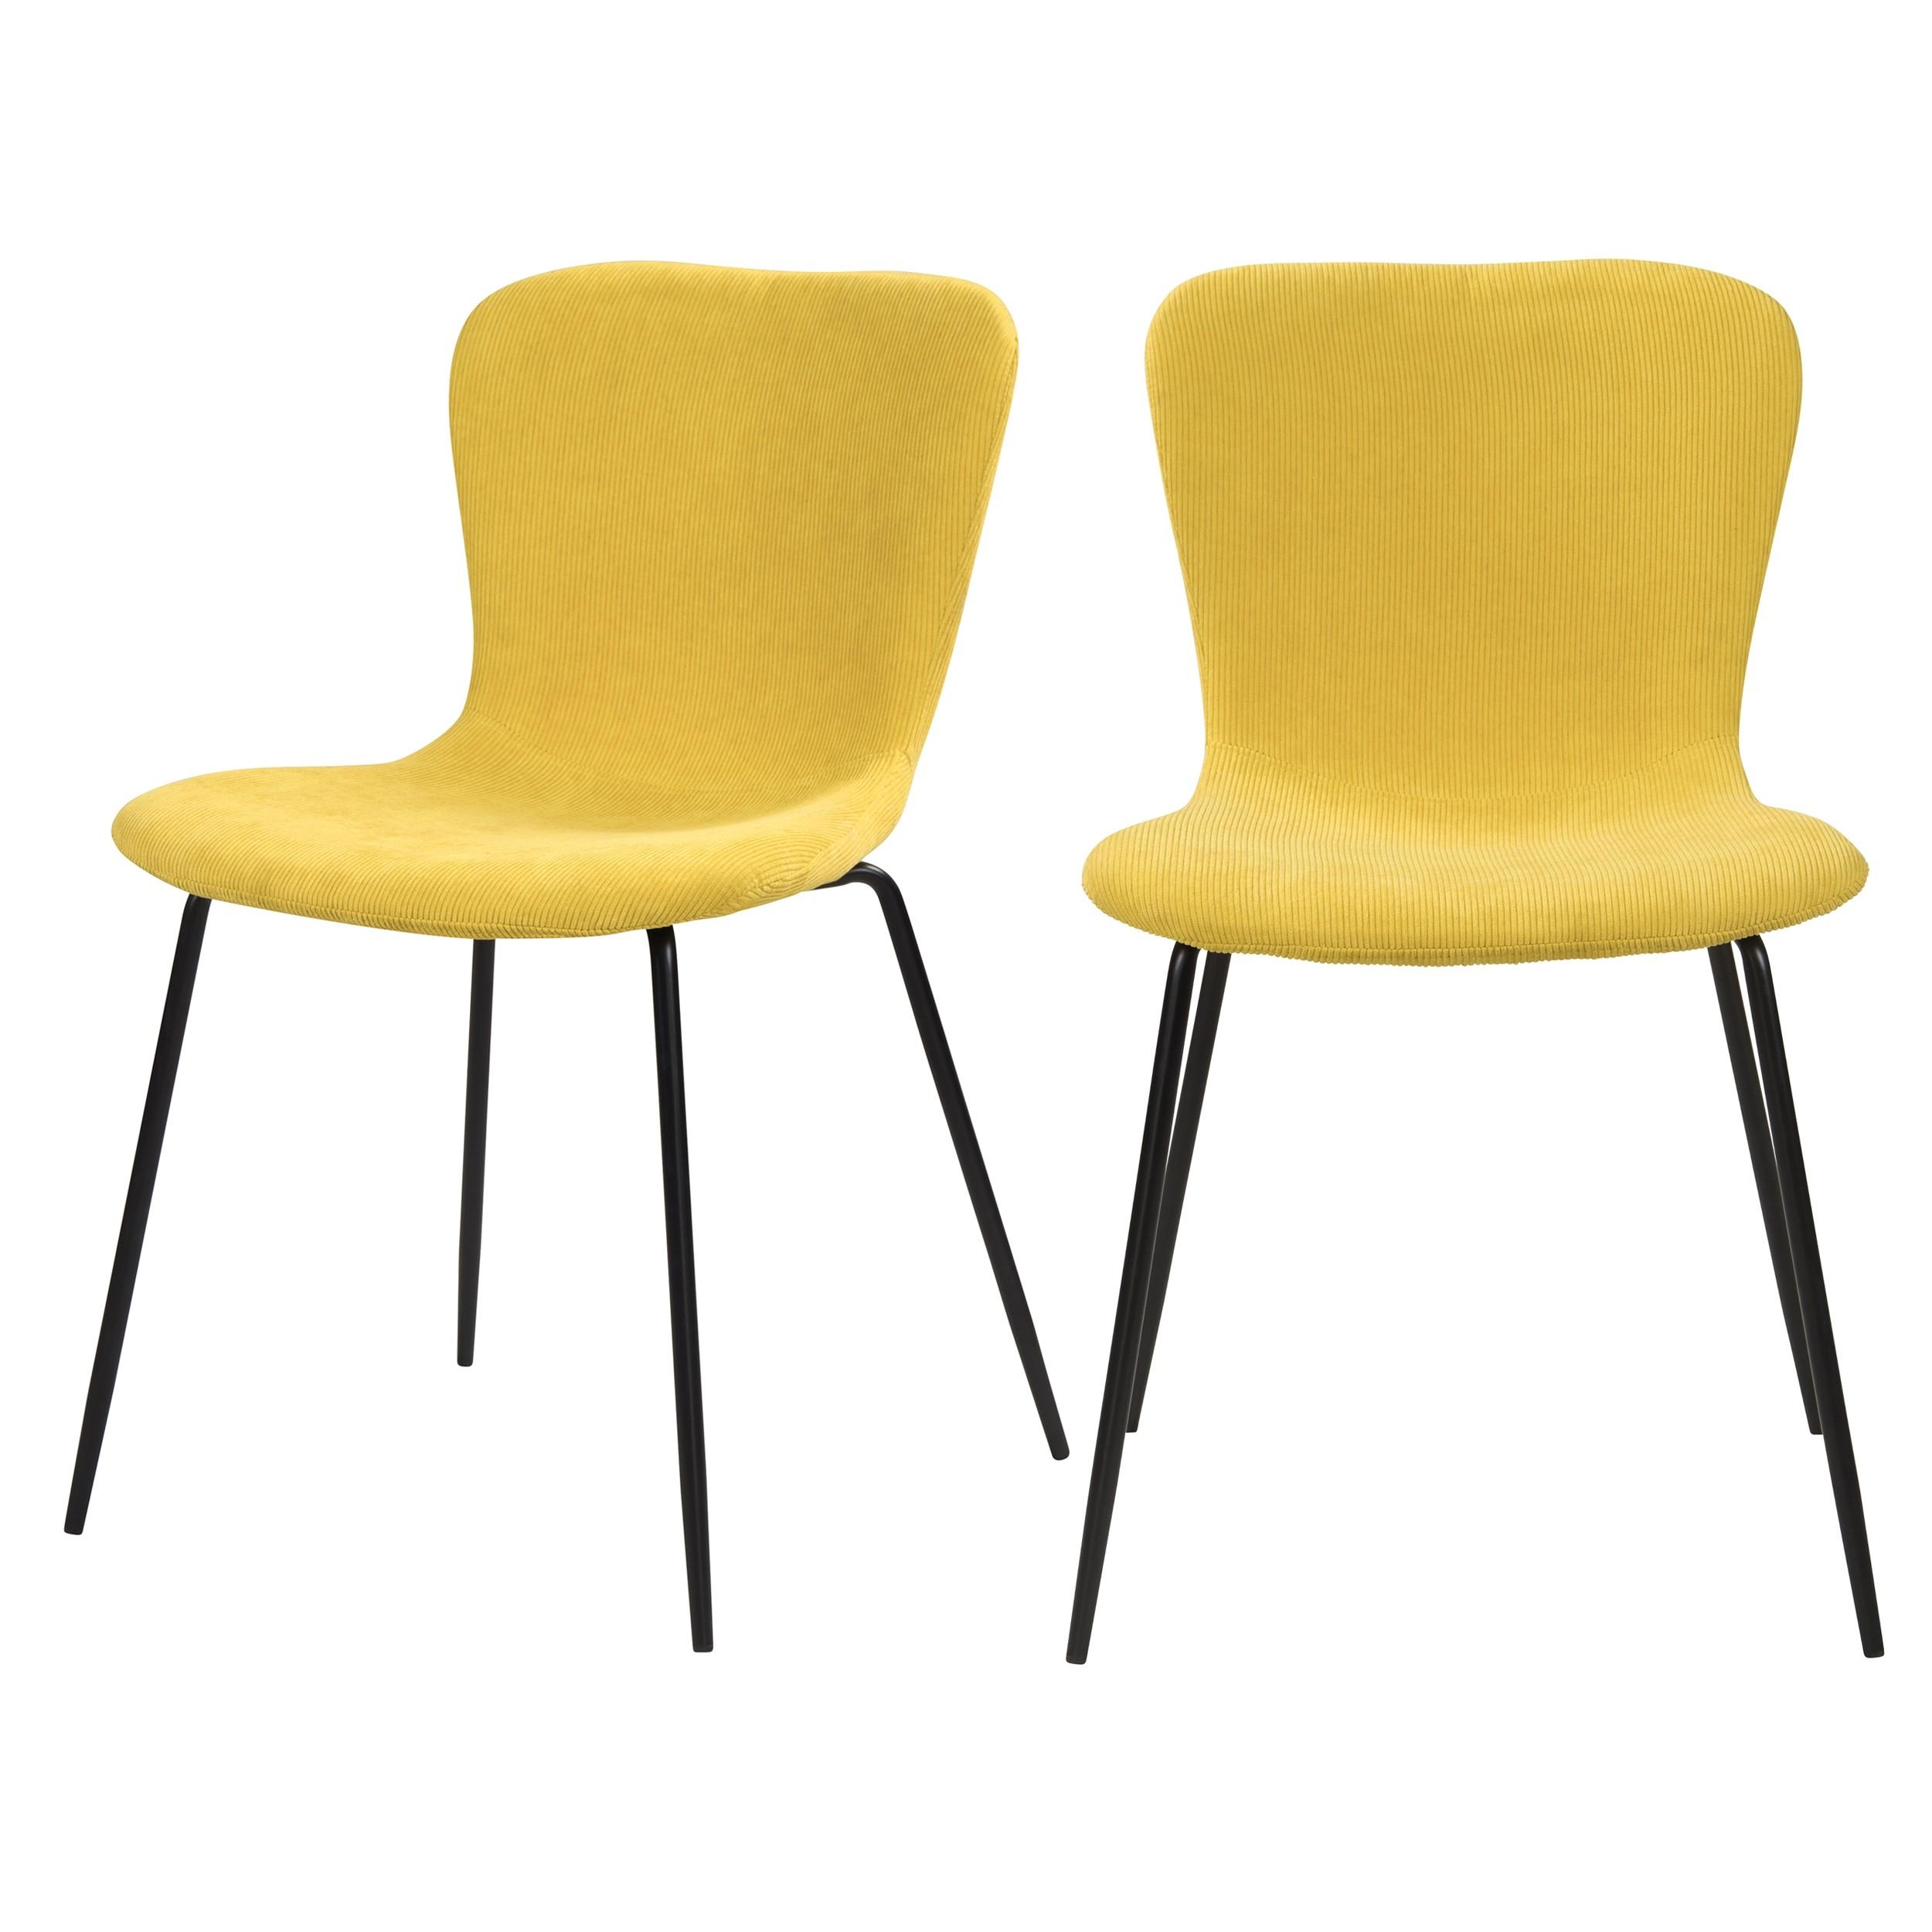 acheter chaise en velours jaune